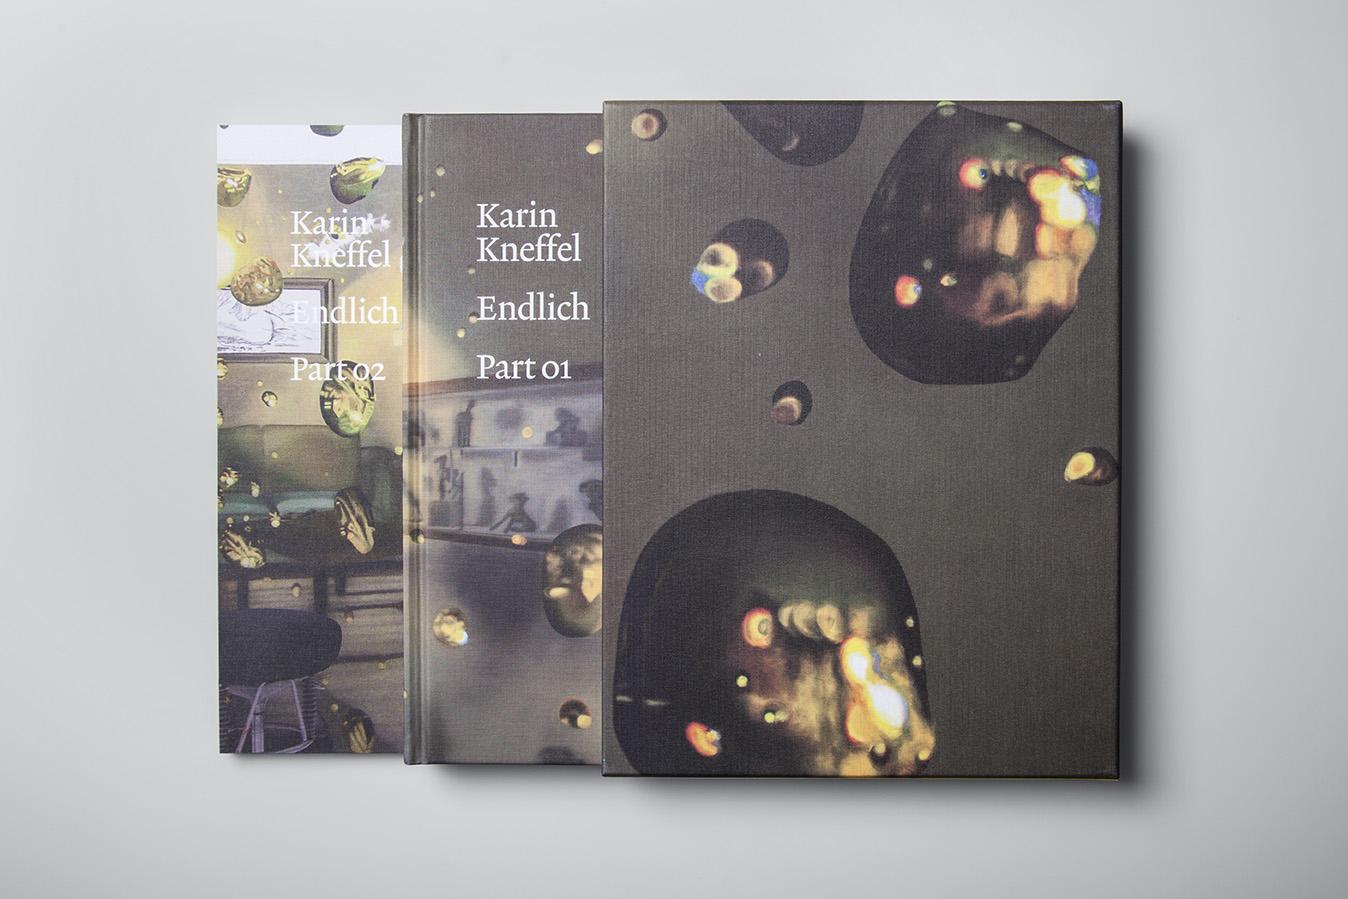 Karin Kneffel / Endlich